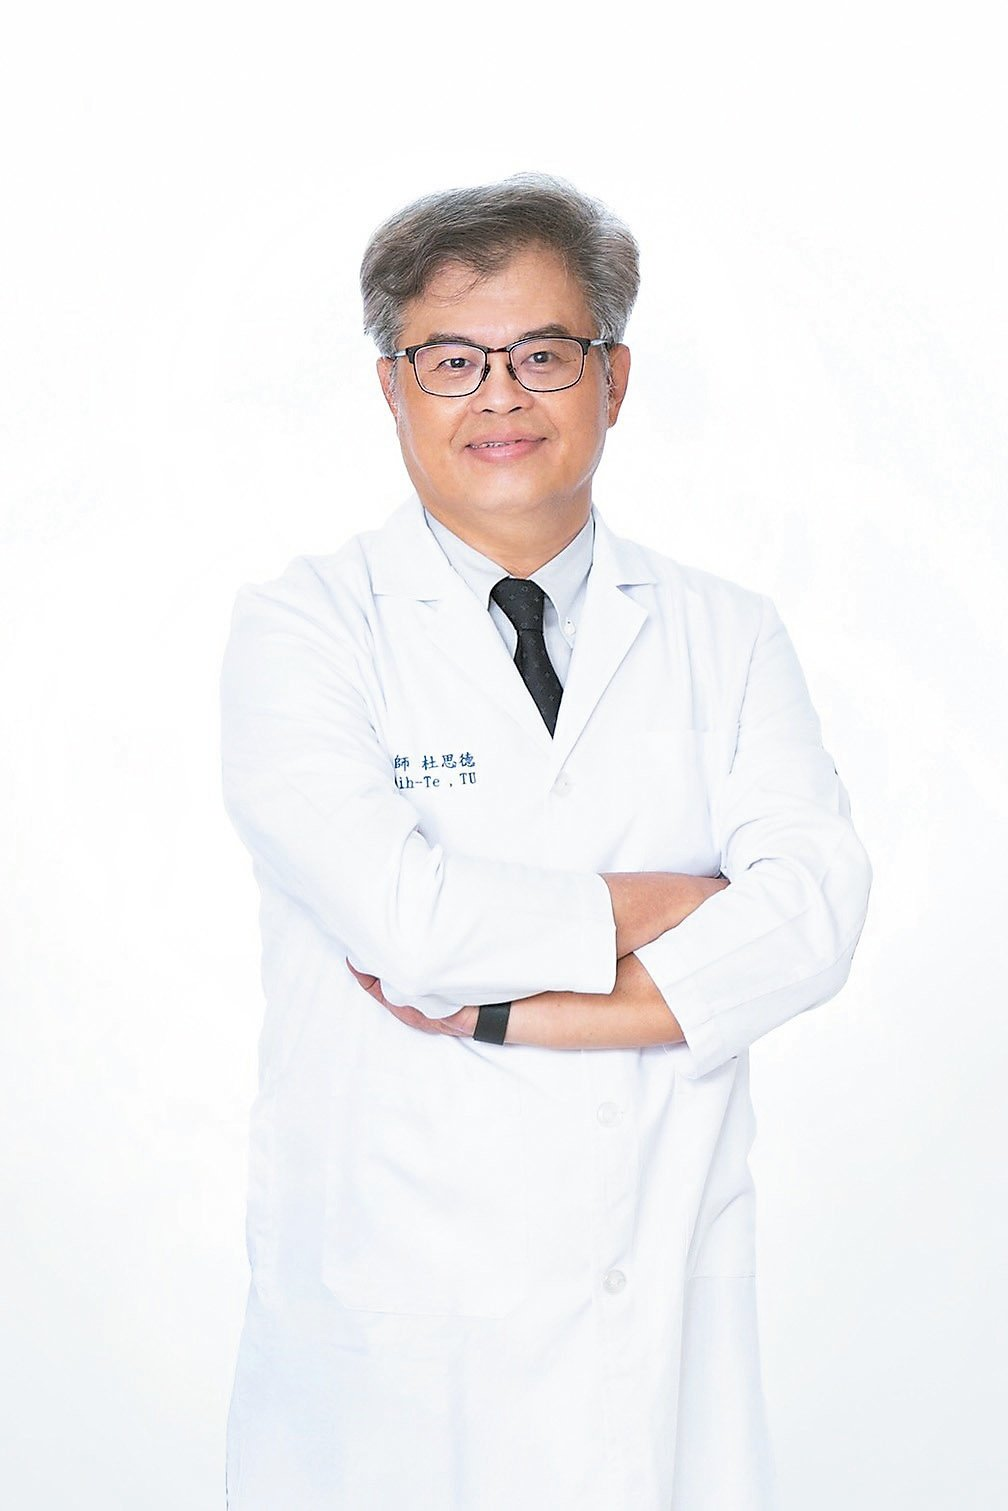 中華民國糖尿病衛教學會理事長杜思德。圖/杜思德提供